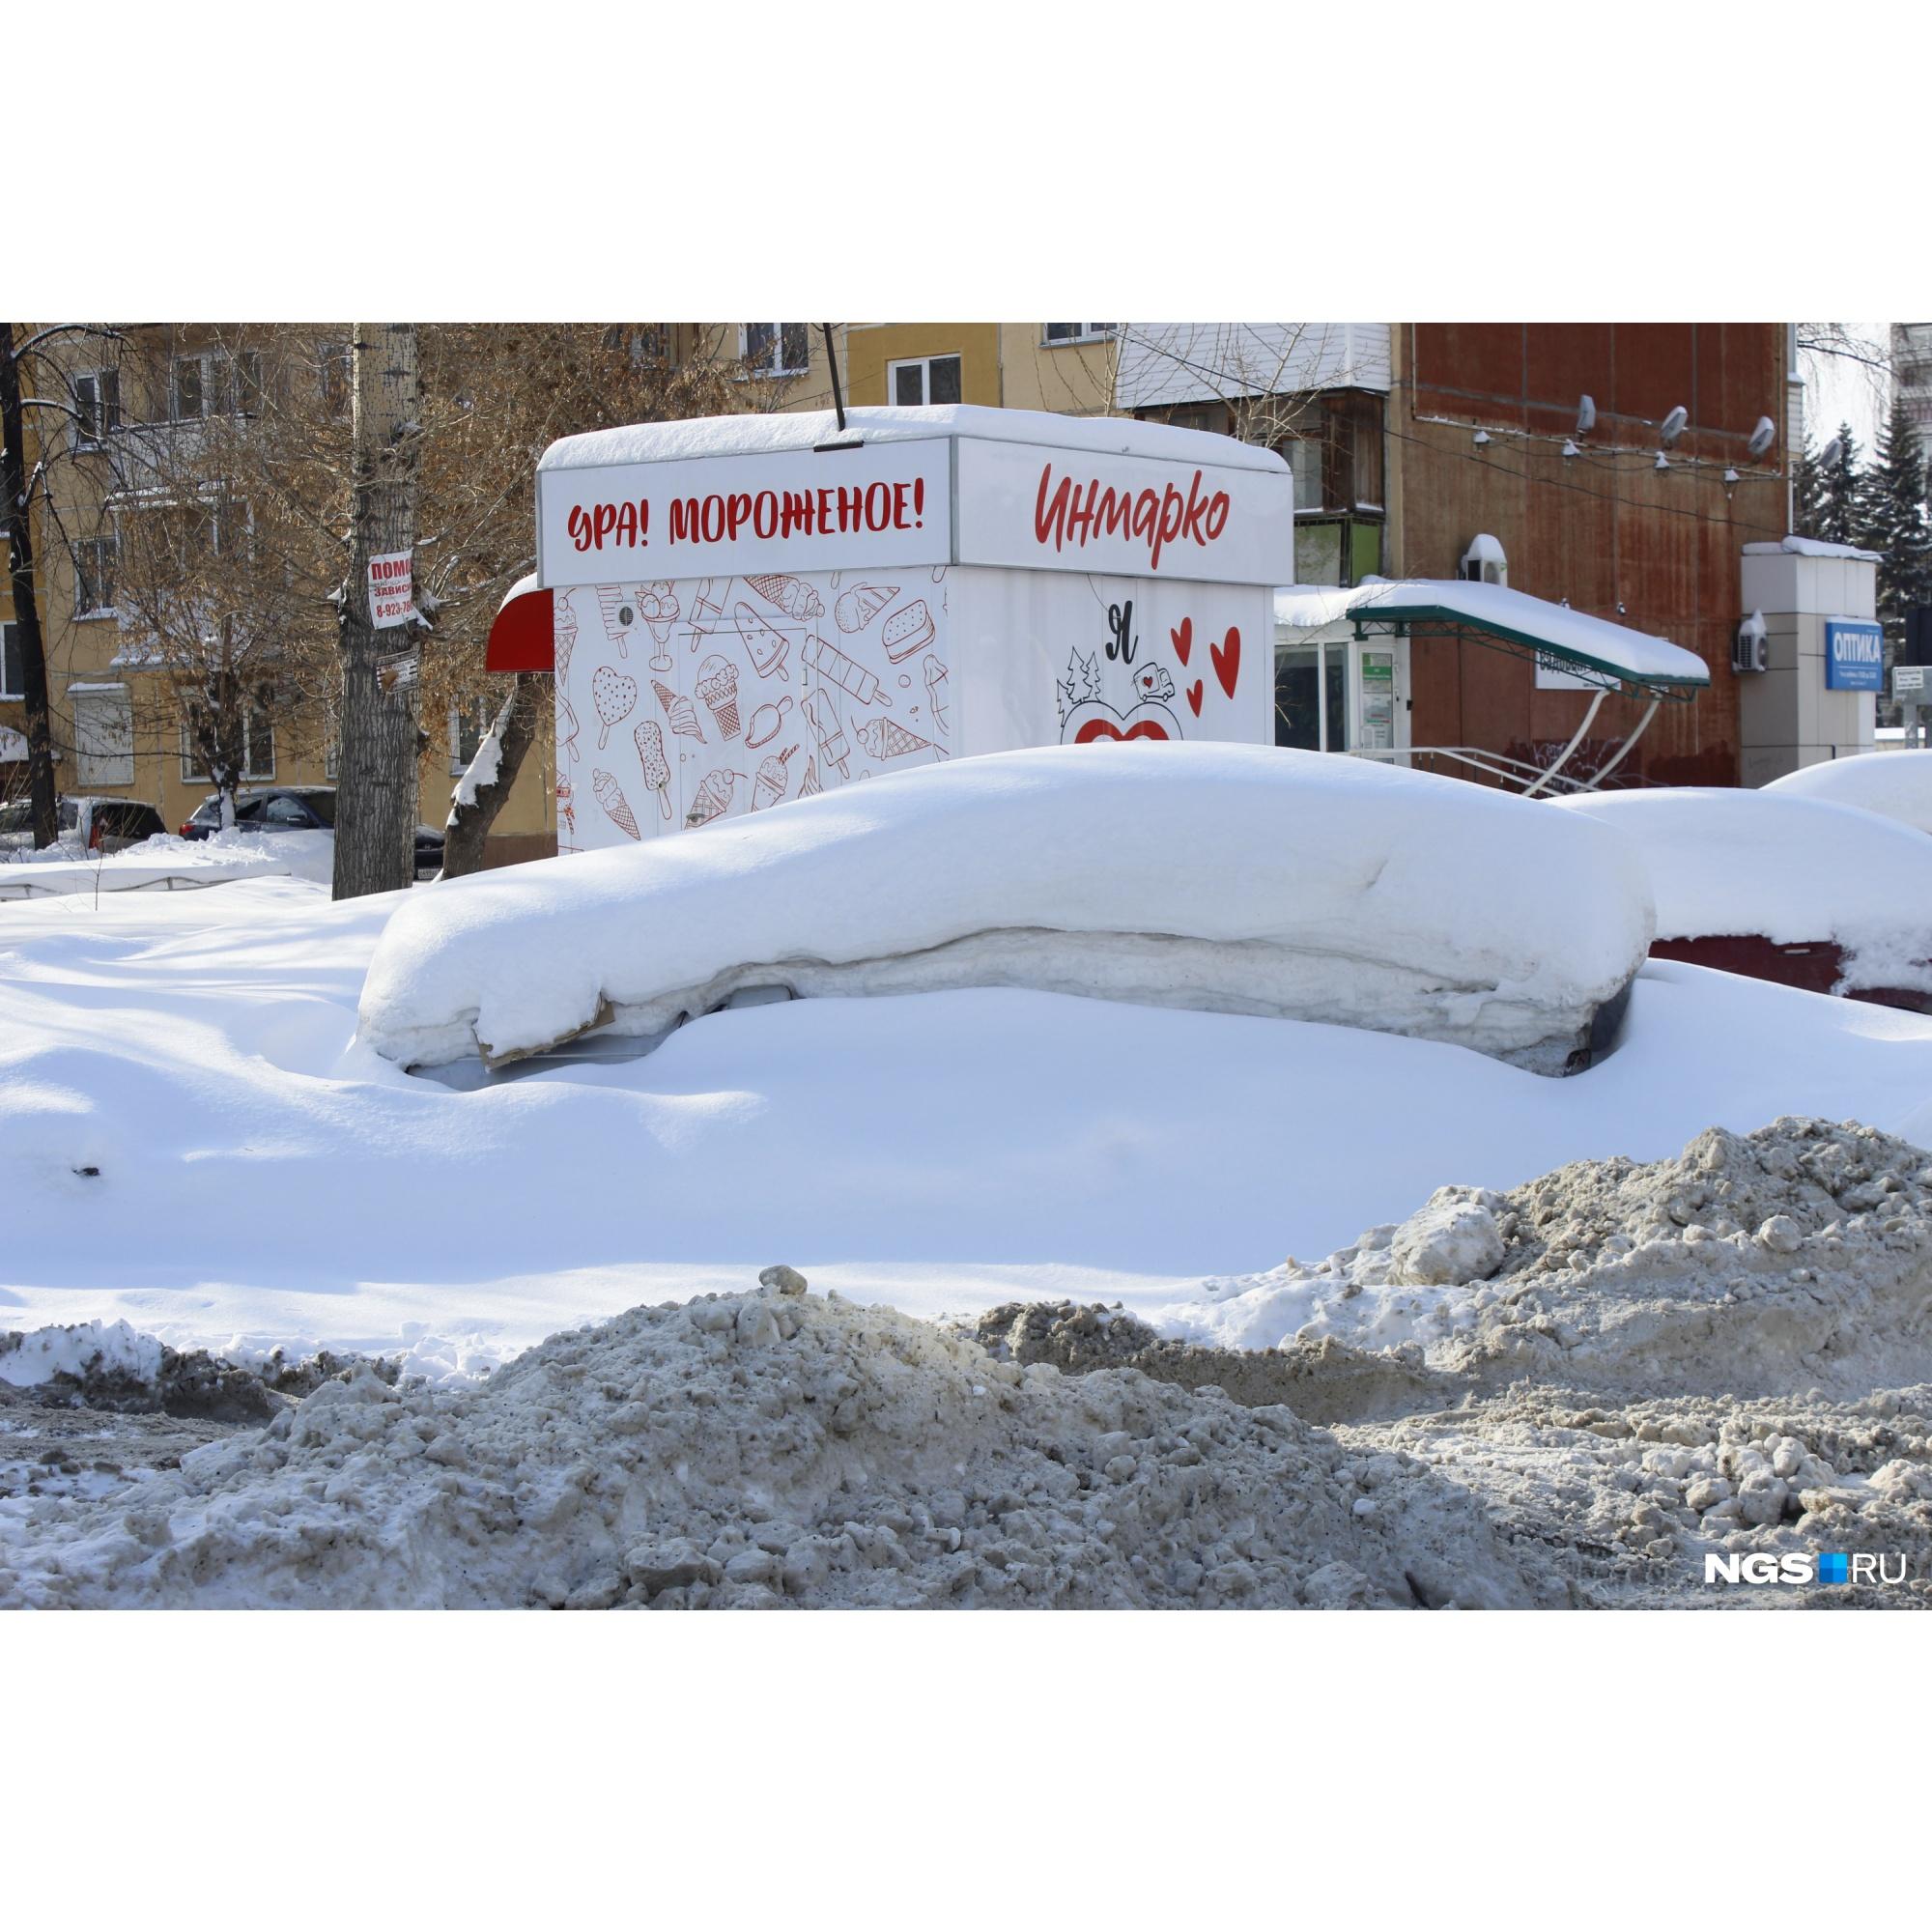 Нечто в парковочном кармане на улице Гоголя, тоже расползается сугробом на соседние парковочные места<br>